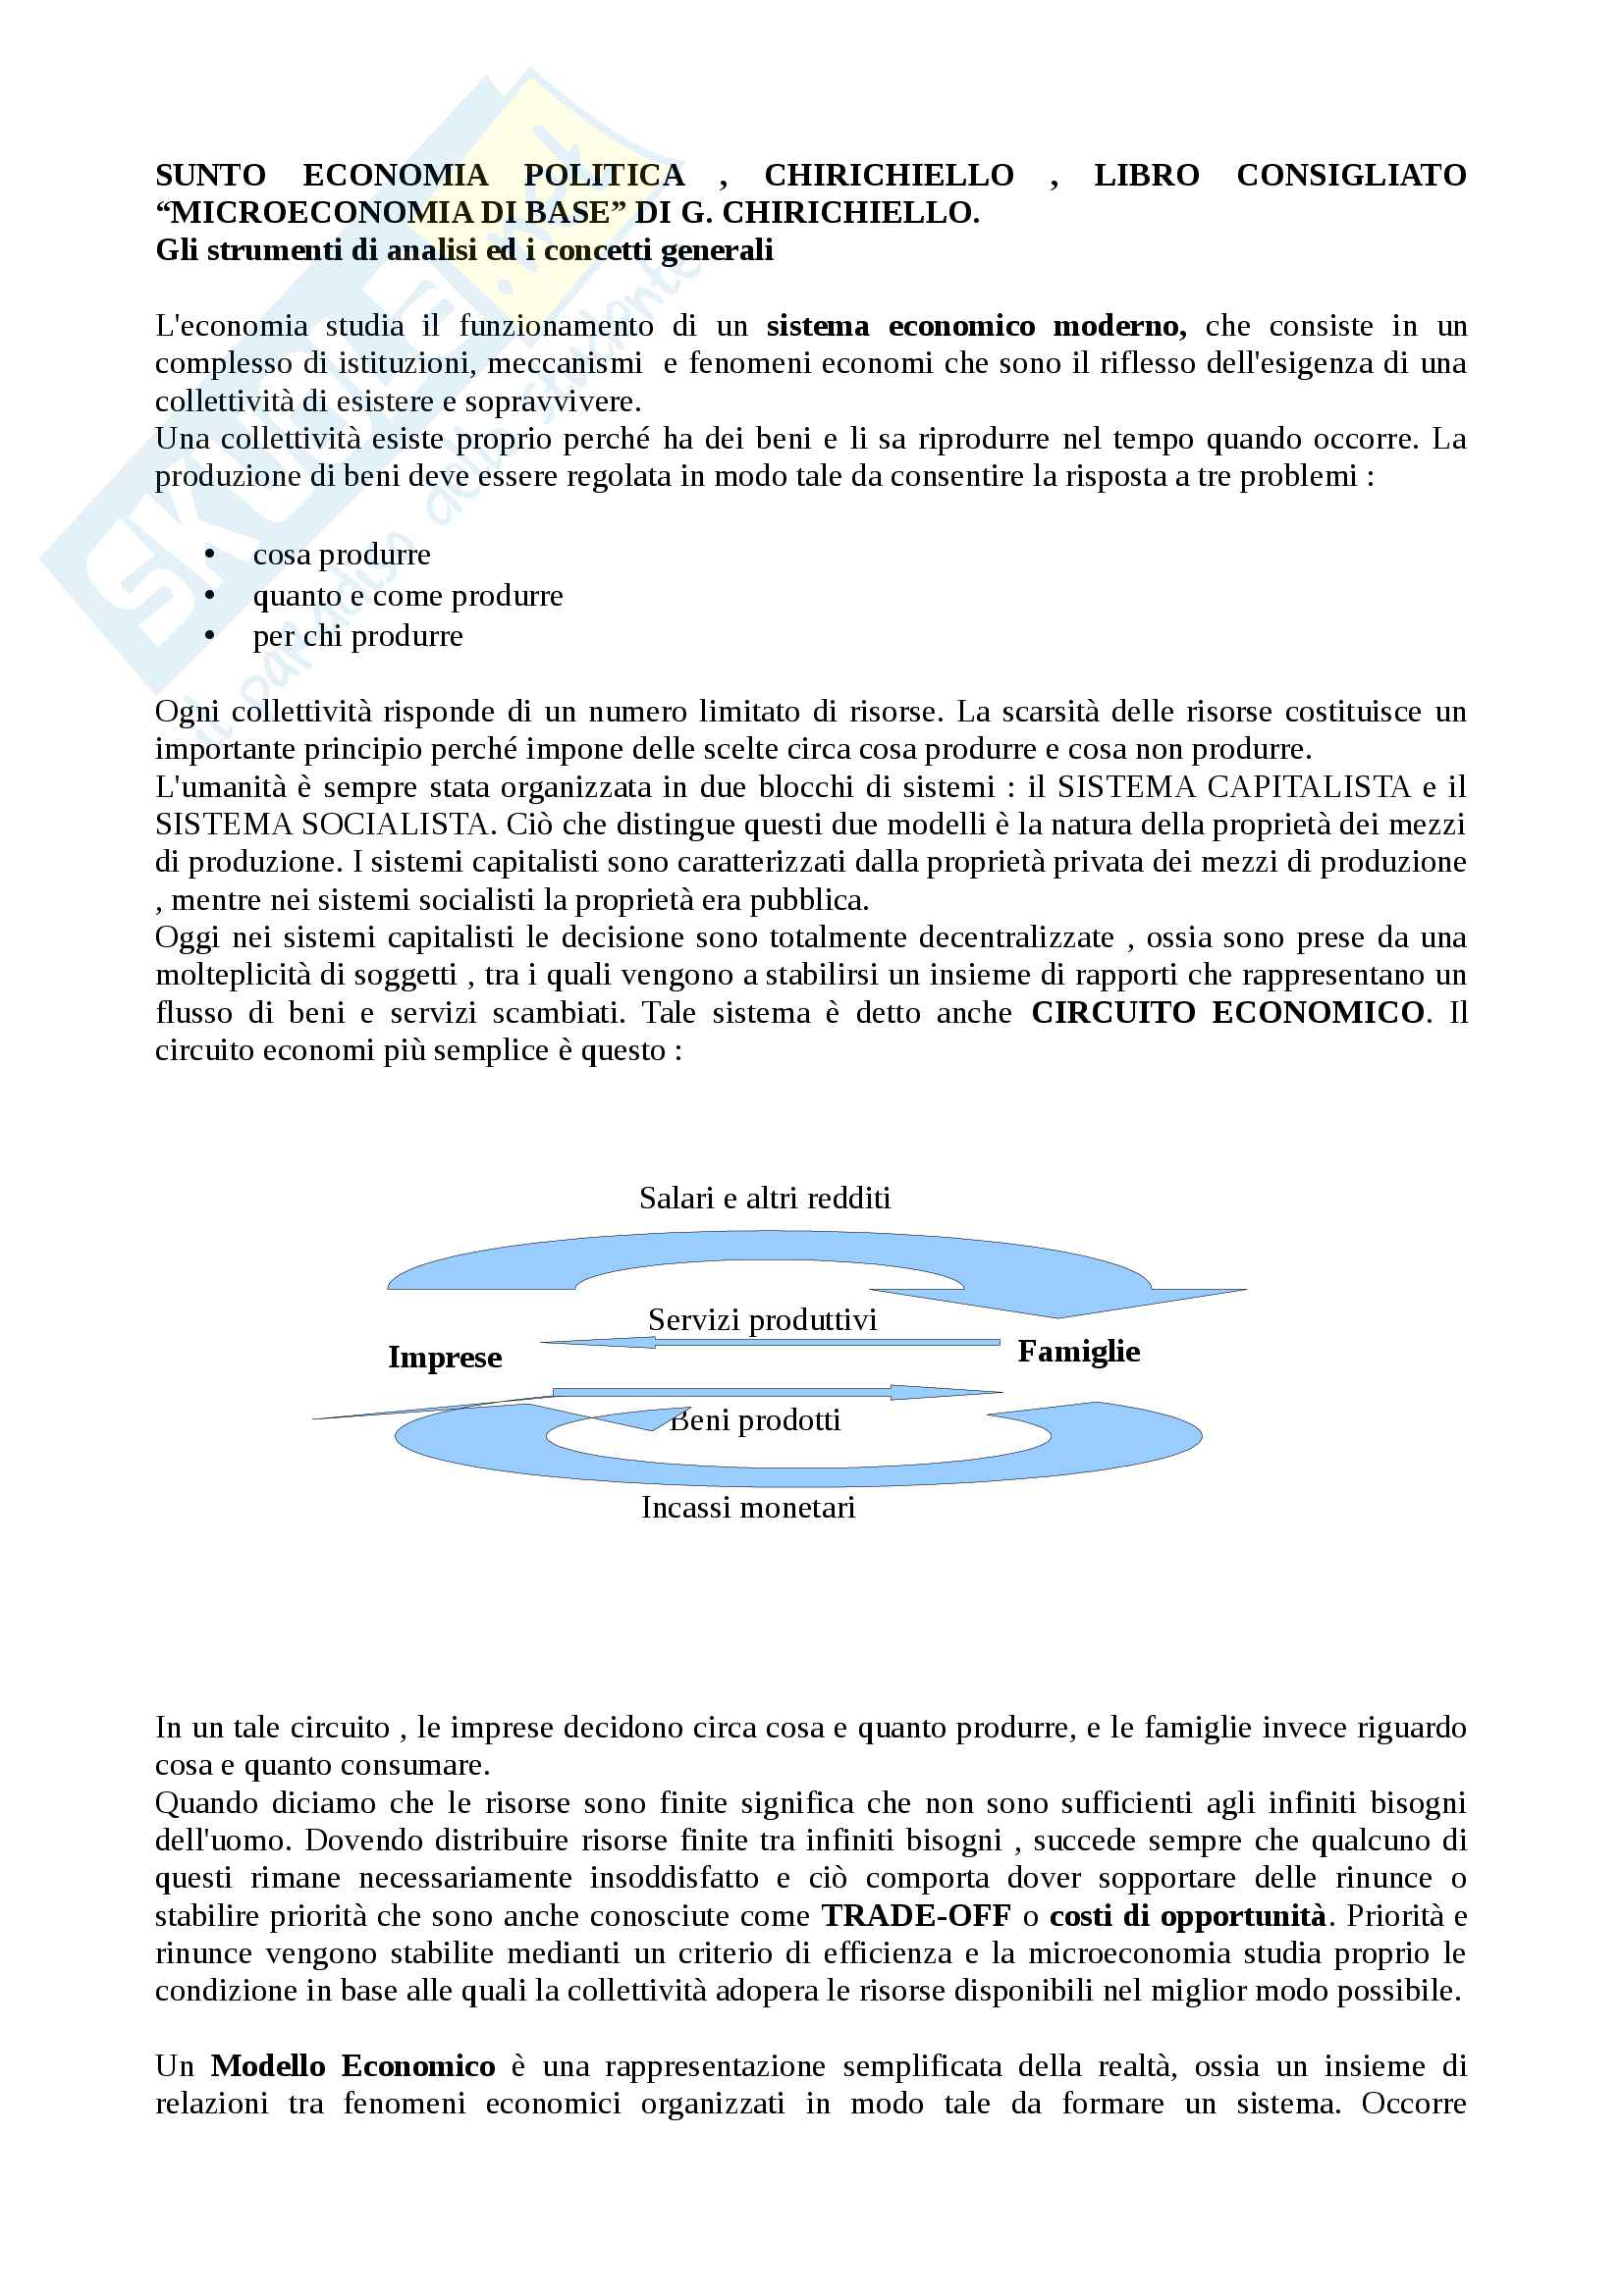 """Riassunto esame Economia politica, prof. Chirichiello, libro consigliato """"Microeconomia di base"""" di G. Chirichiello"""